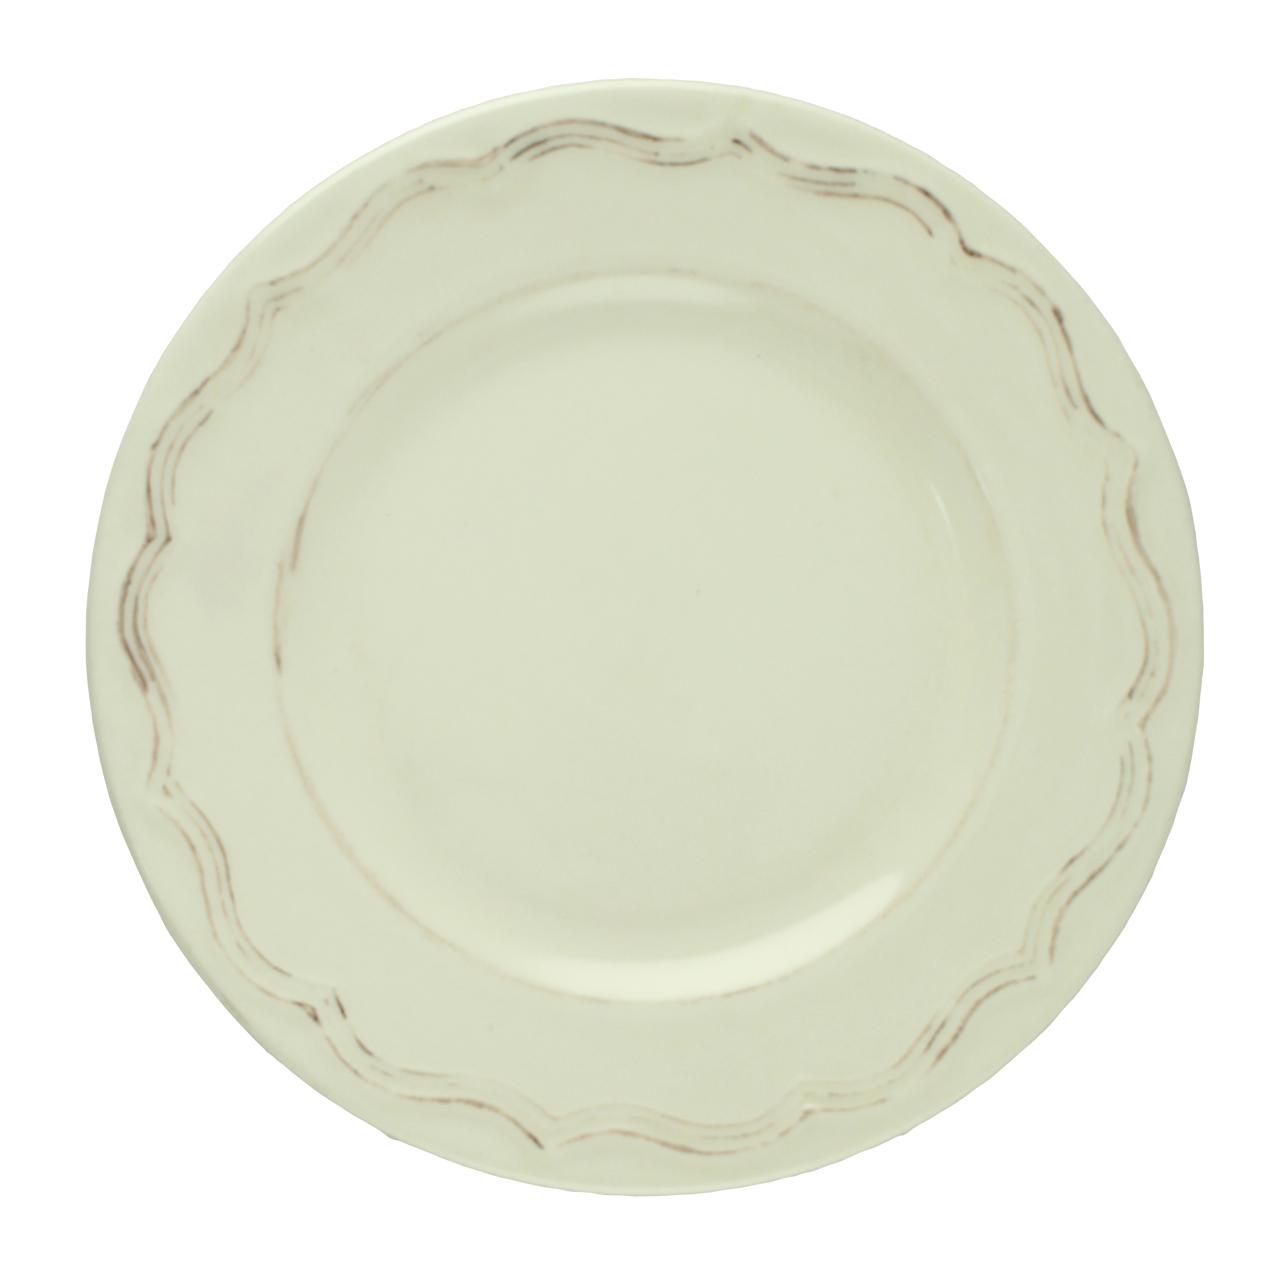 Farfurie Vintage Din Ceramica Crem 20 Cm